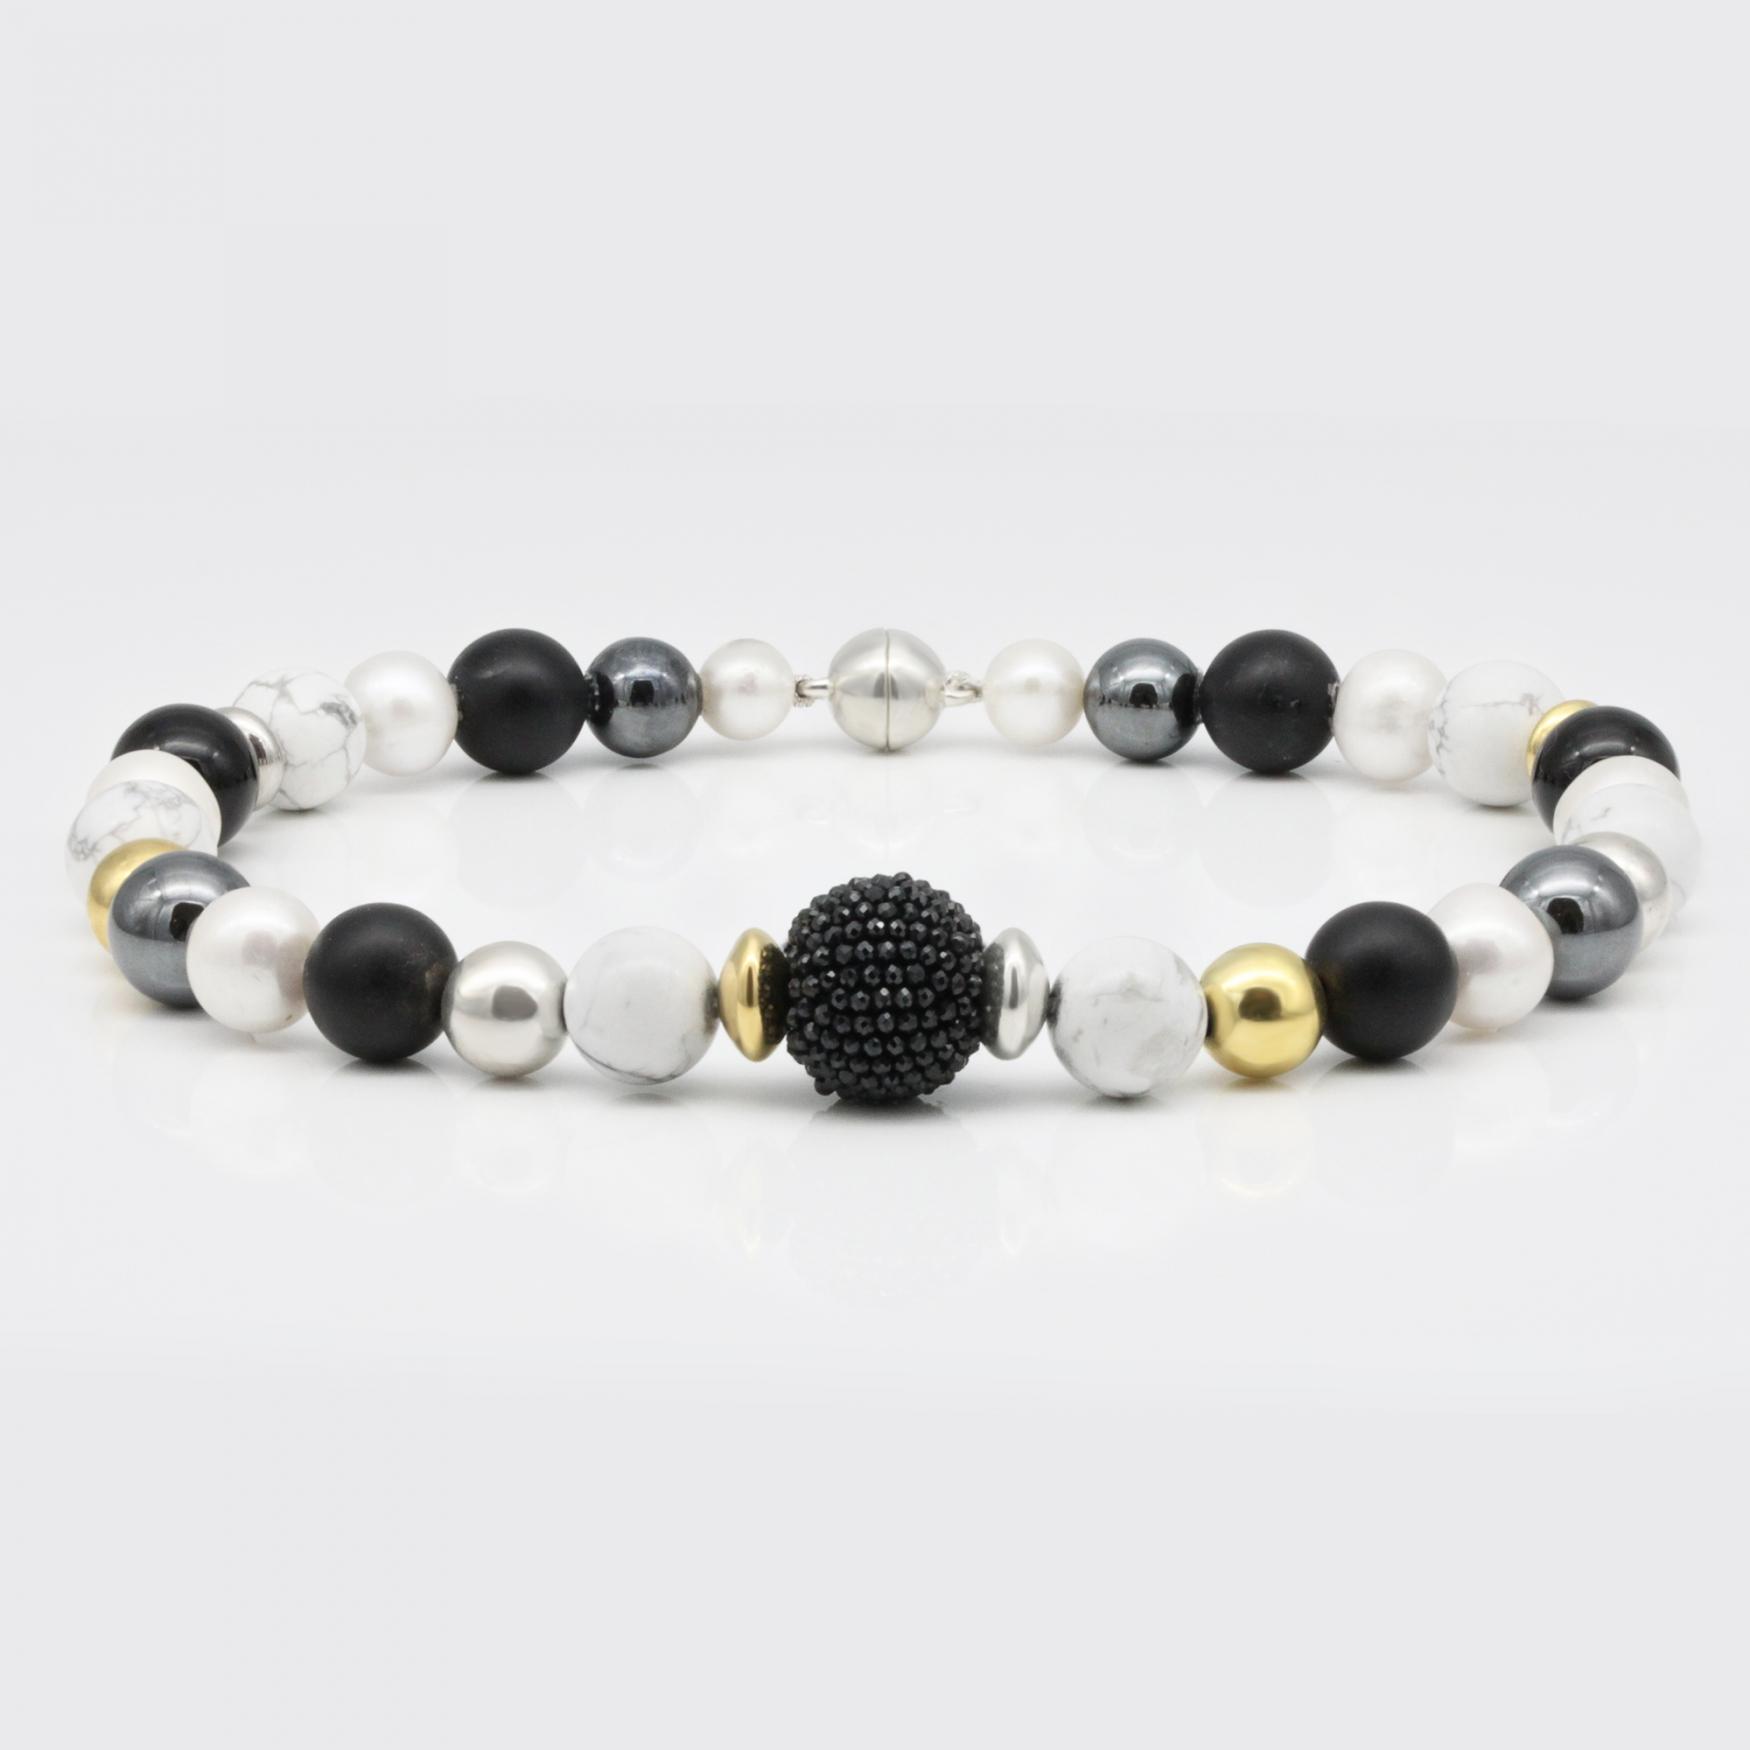 Halskette - Schwarz, Weiß